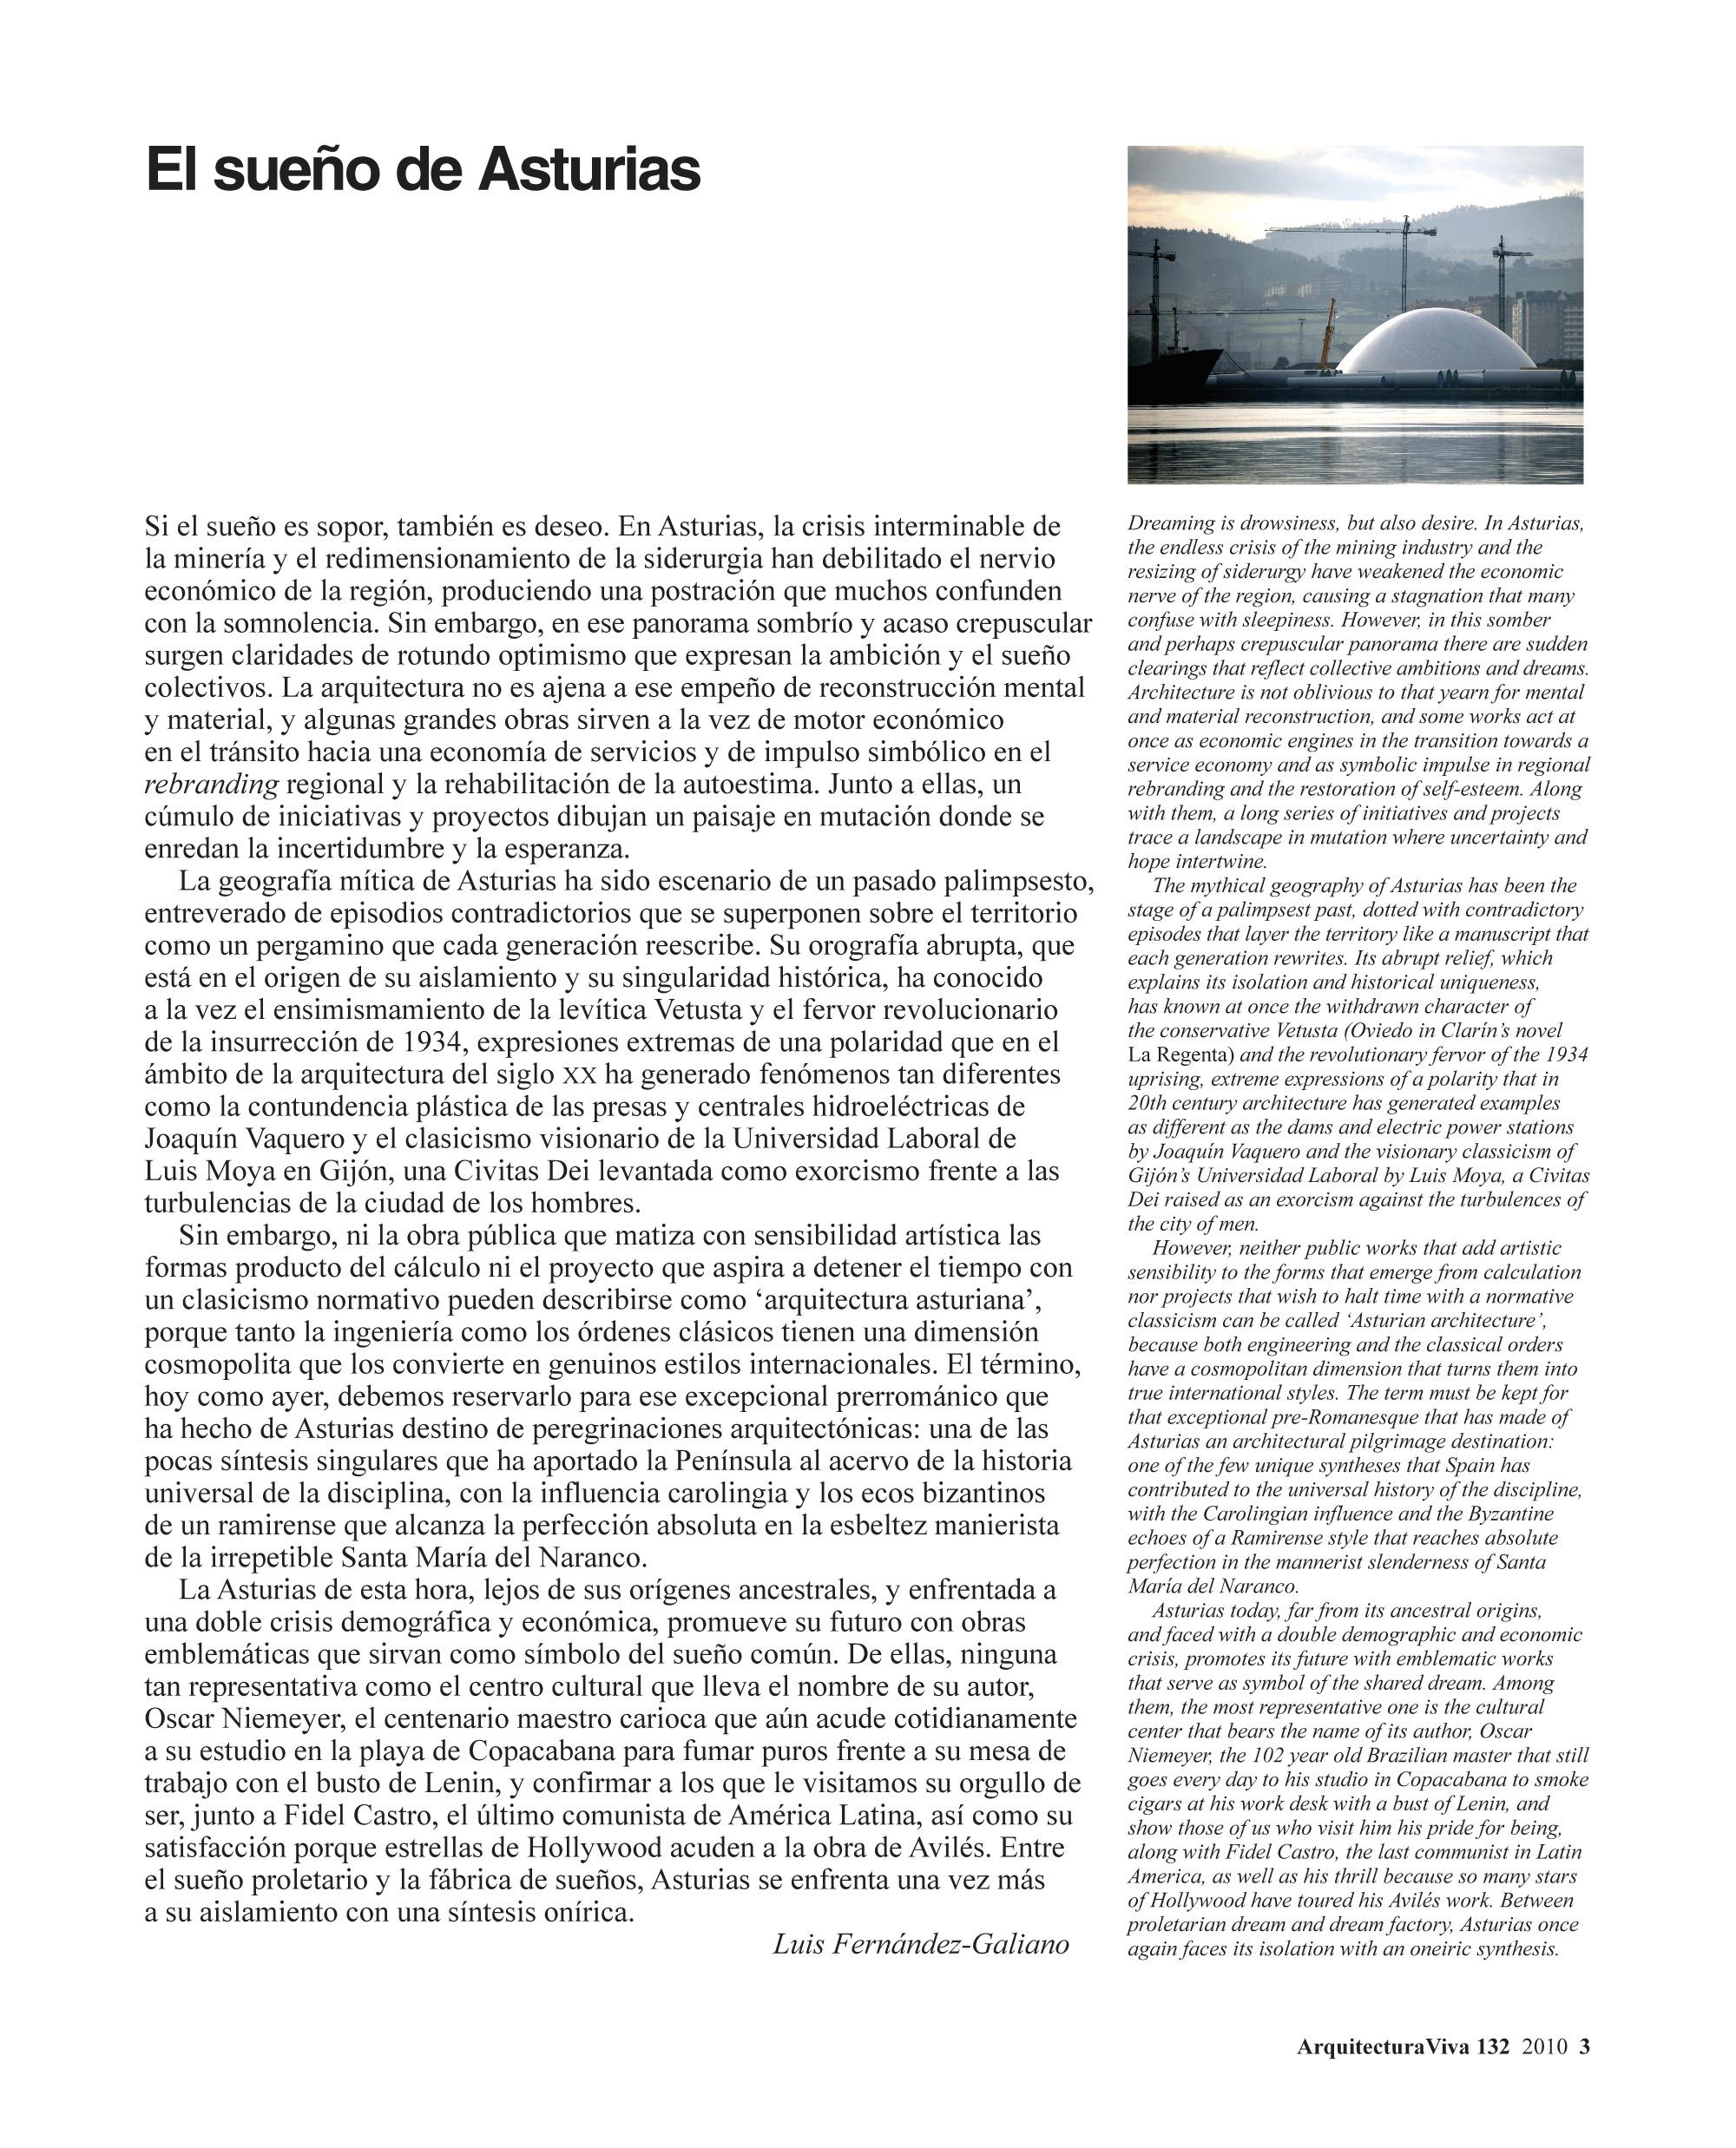 El sueño de Asturias